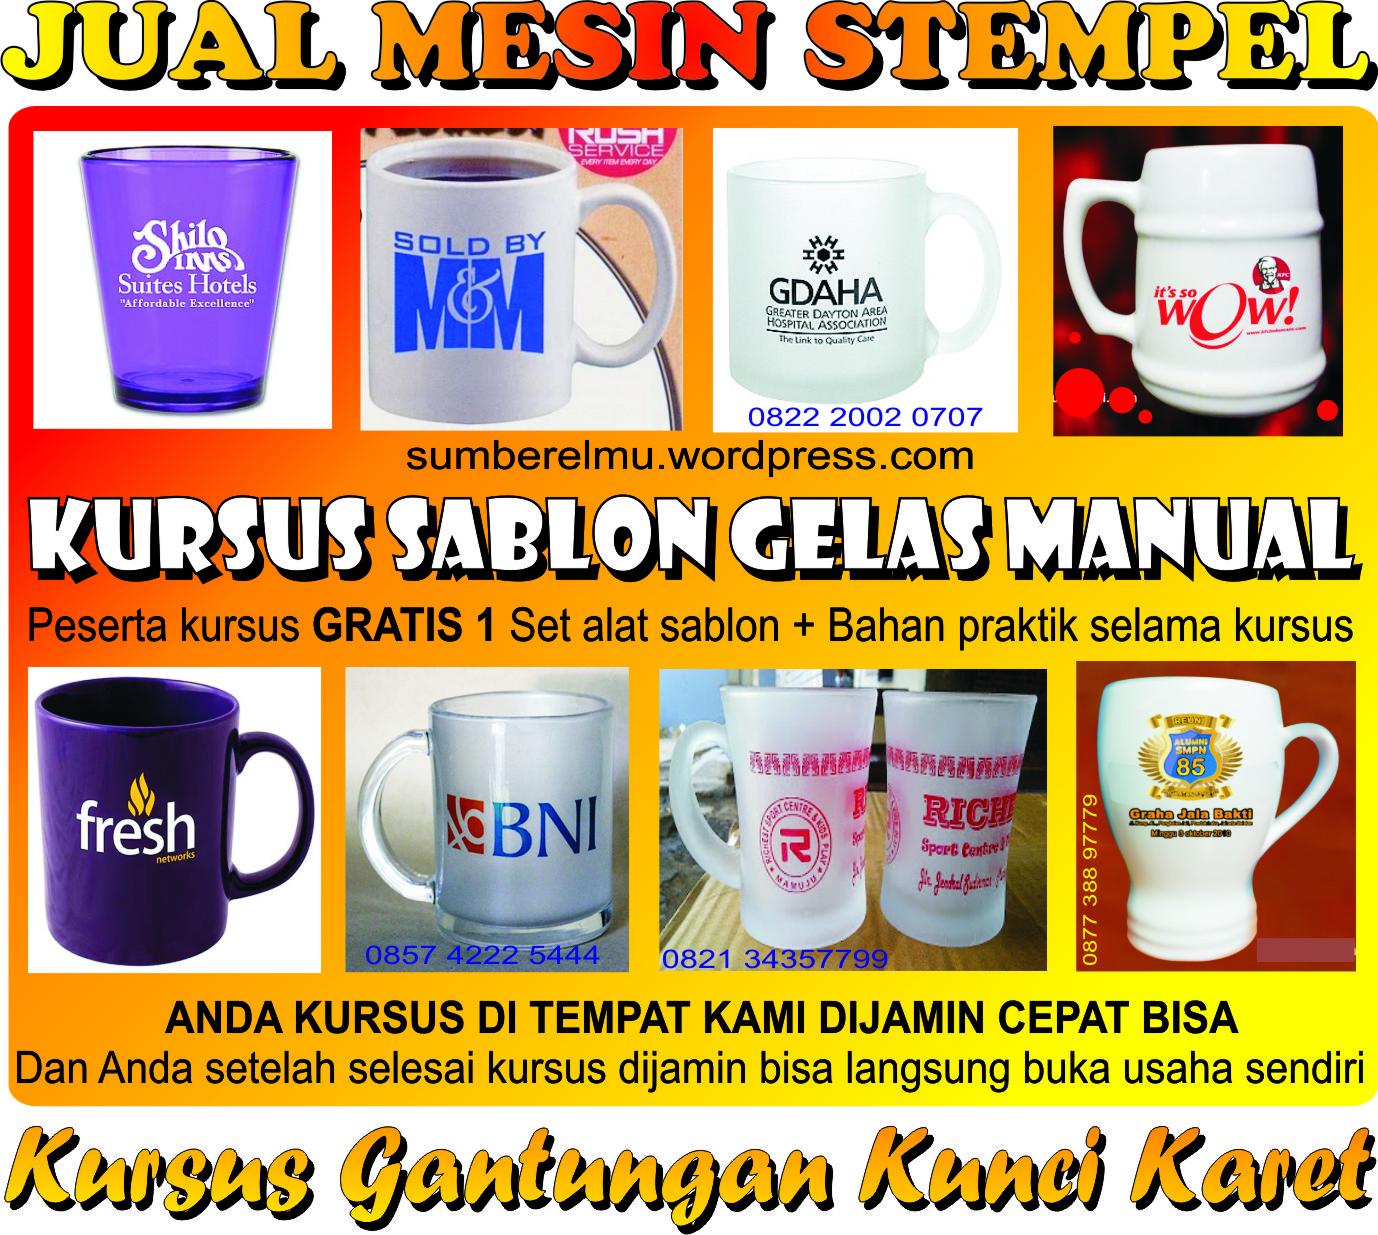 Surat Garansi Produk: Jakarta, Bandung, Surabaya, Semarang, Yogyakarta, Malang